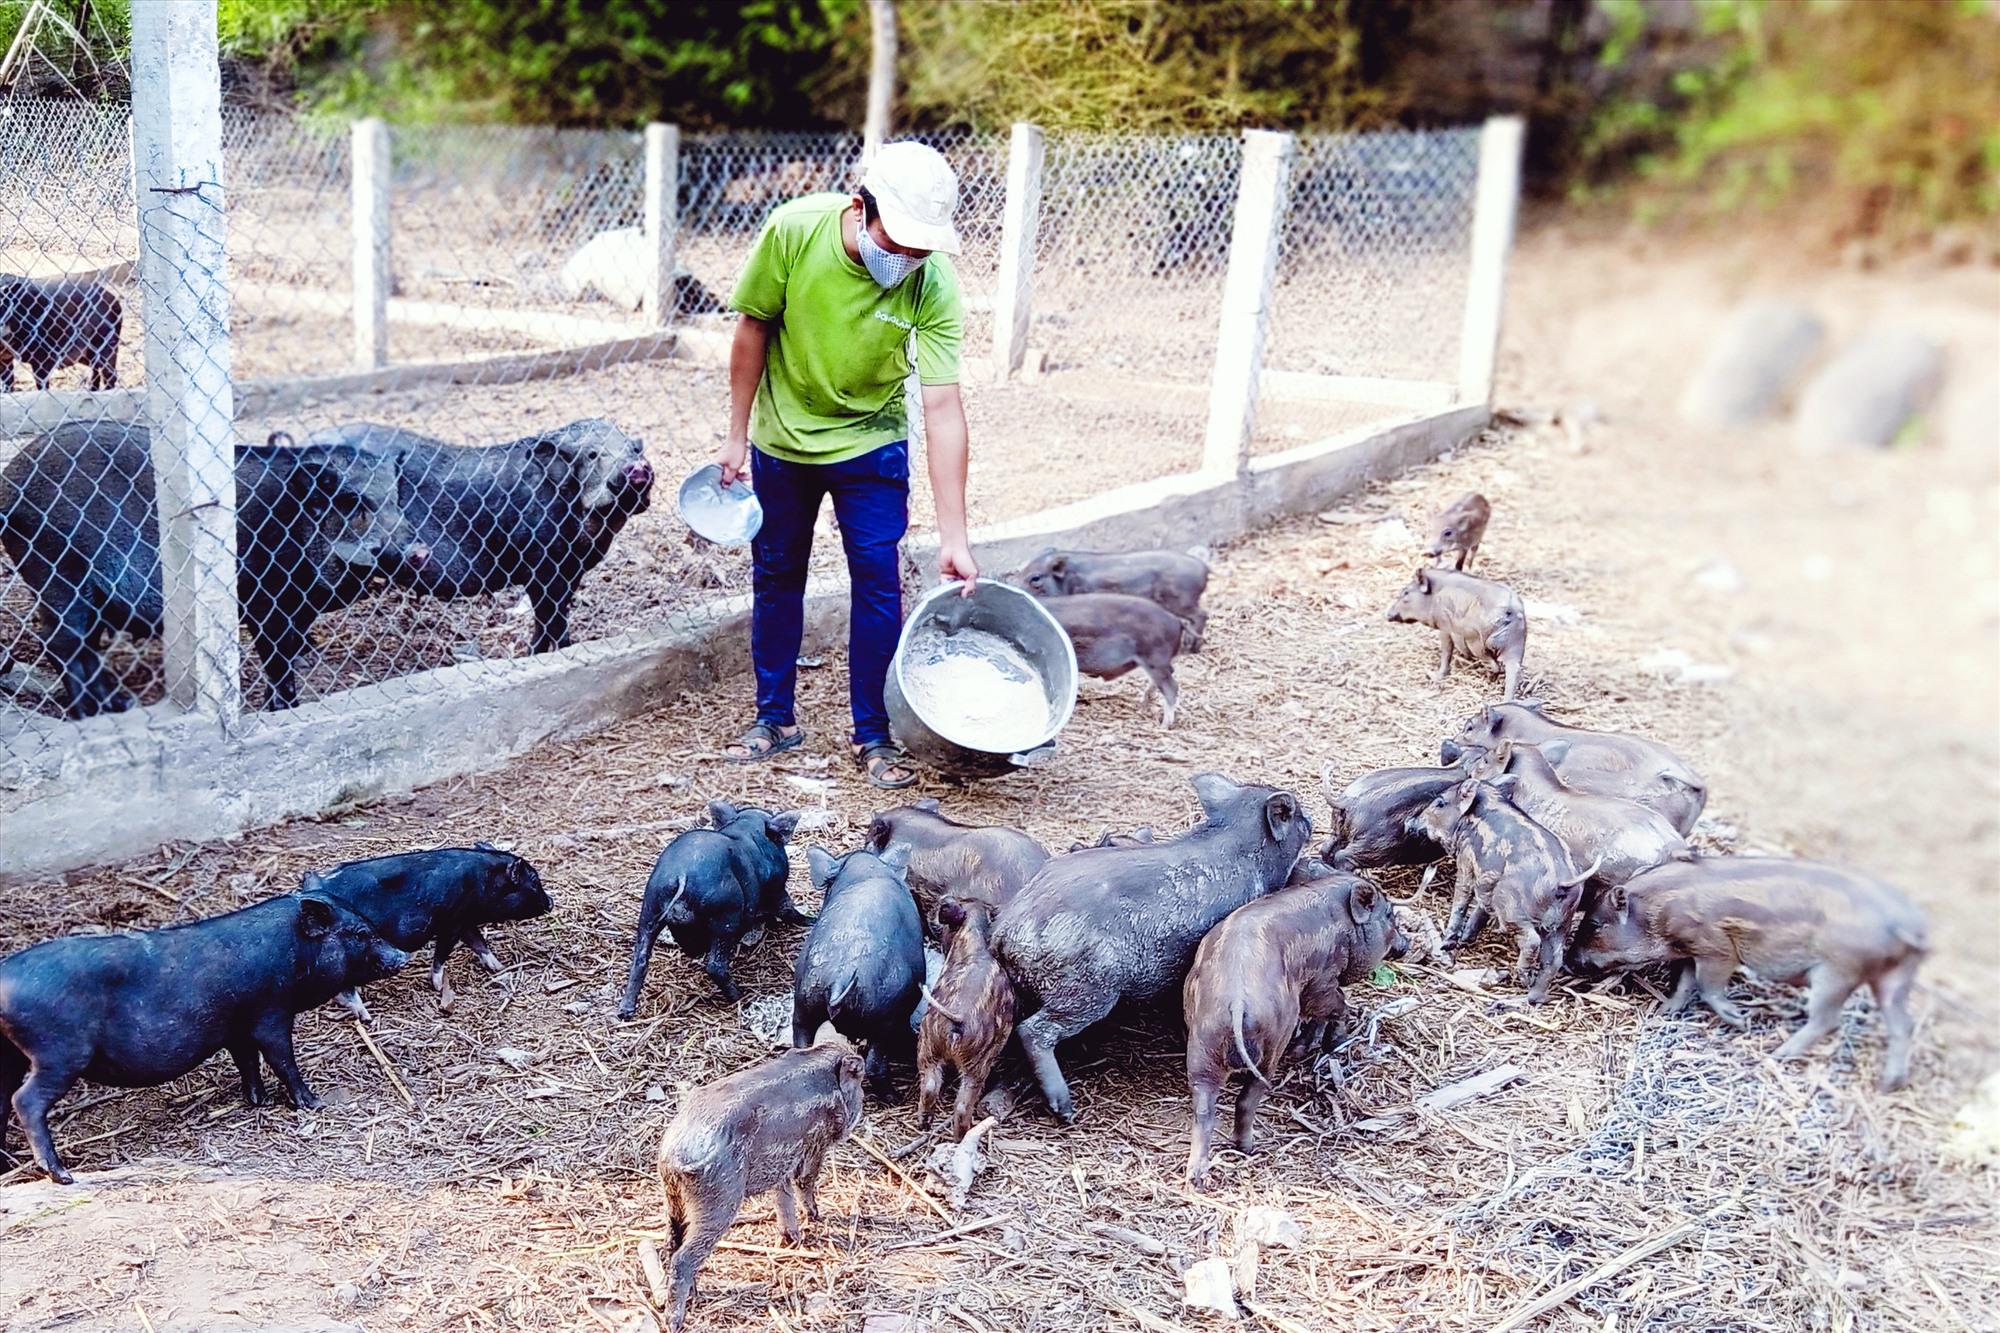 Mô hình chăn nuôi heo rừng lai kết hợp nuôi gà ta thả vườn của Tổ hợp tác chăn nuôi Hồng Trung, thôn Đầu Gò, Đại Sơn bước đầu phát huy hiệu quả. Ảnh: HOÀNG LIÊN